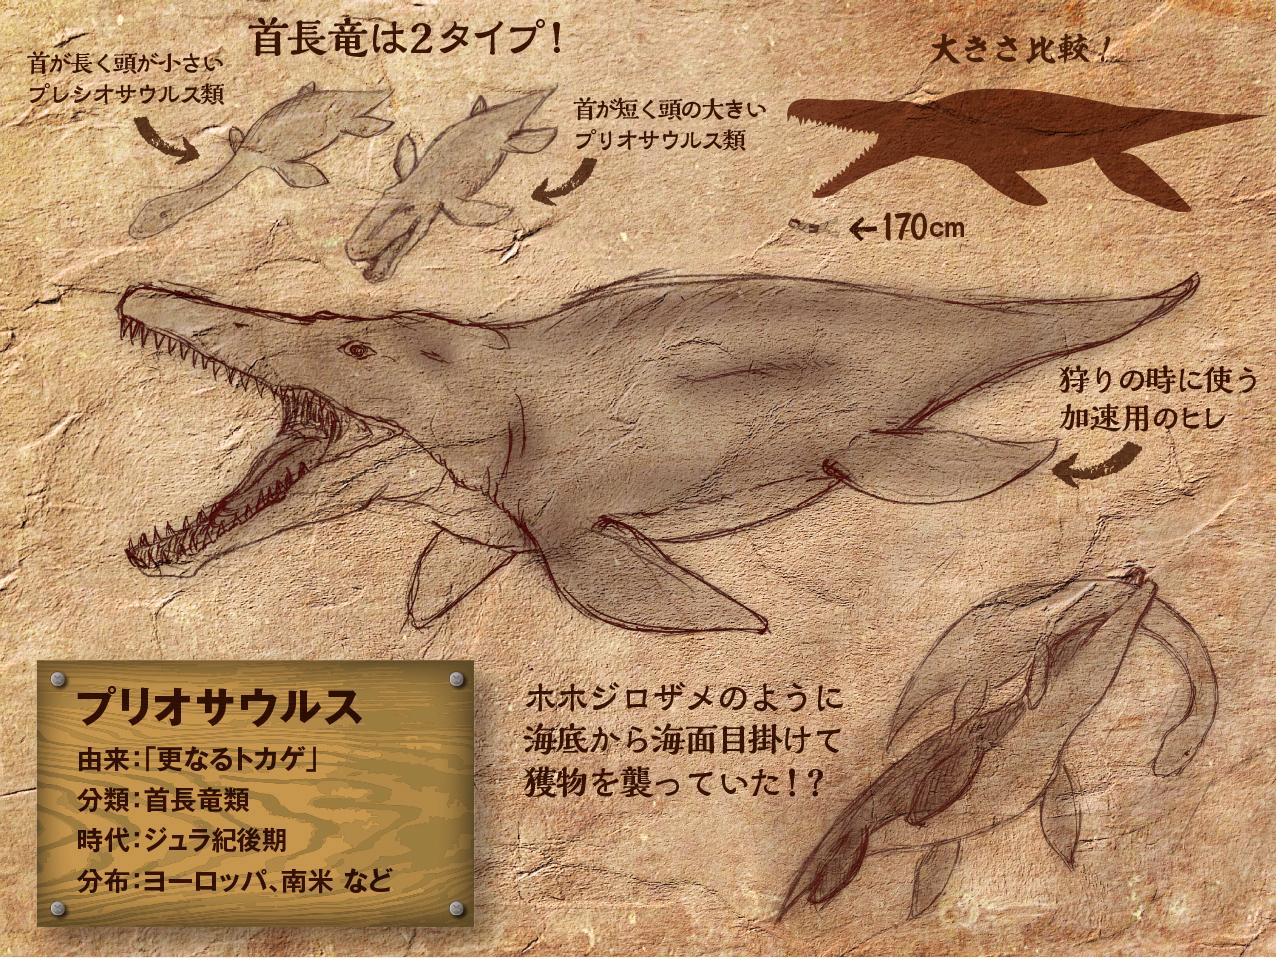 Priosaurusu.jpg